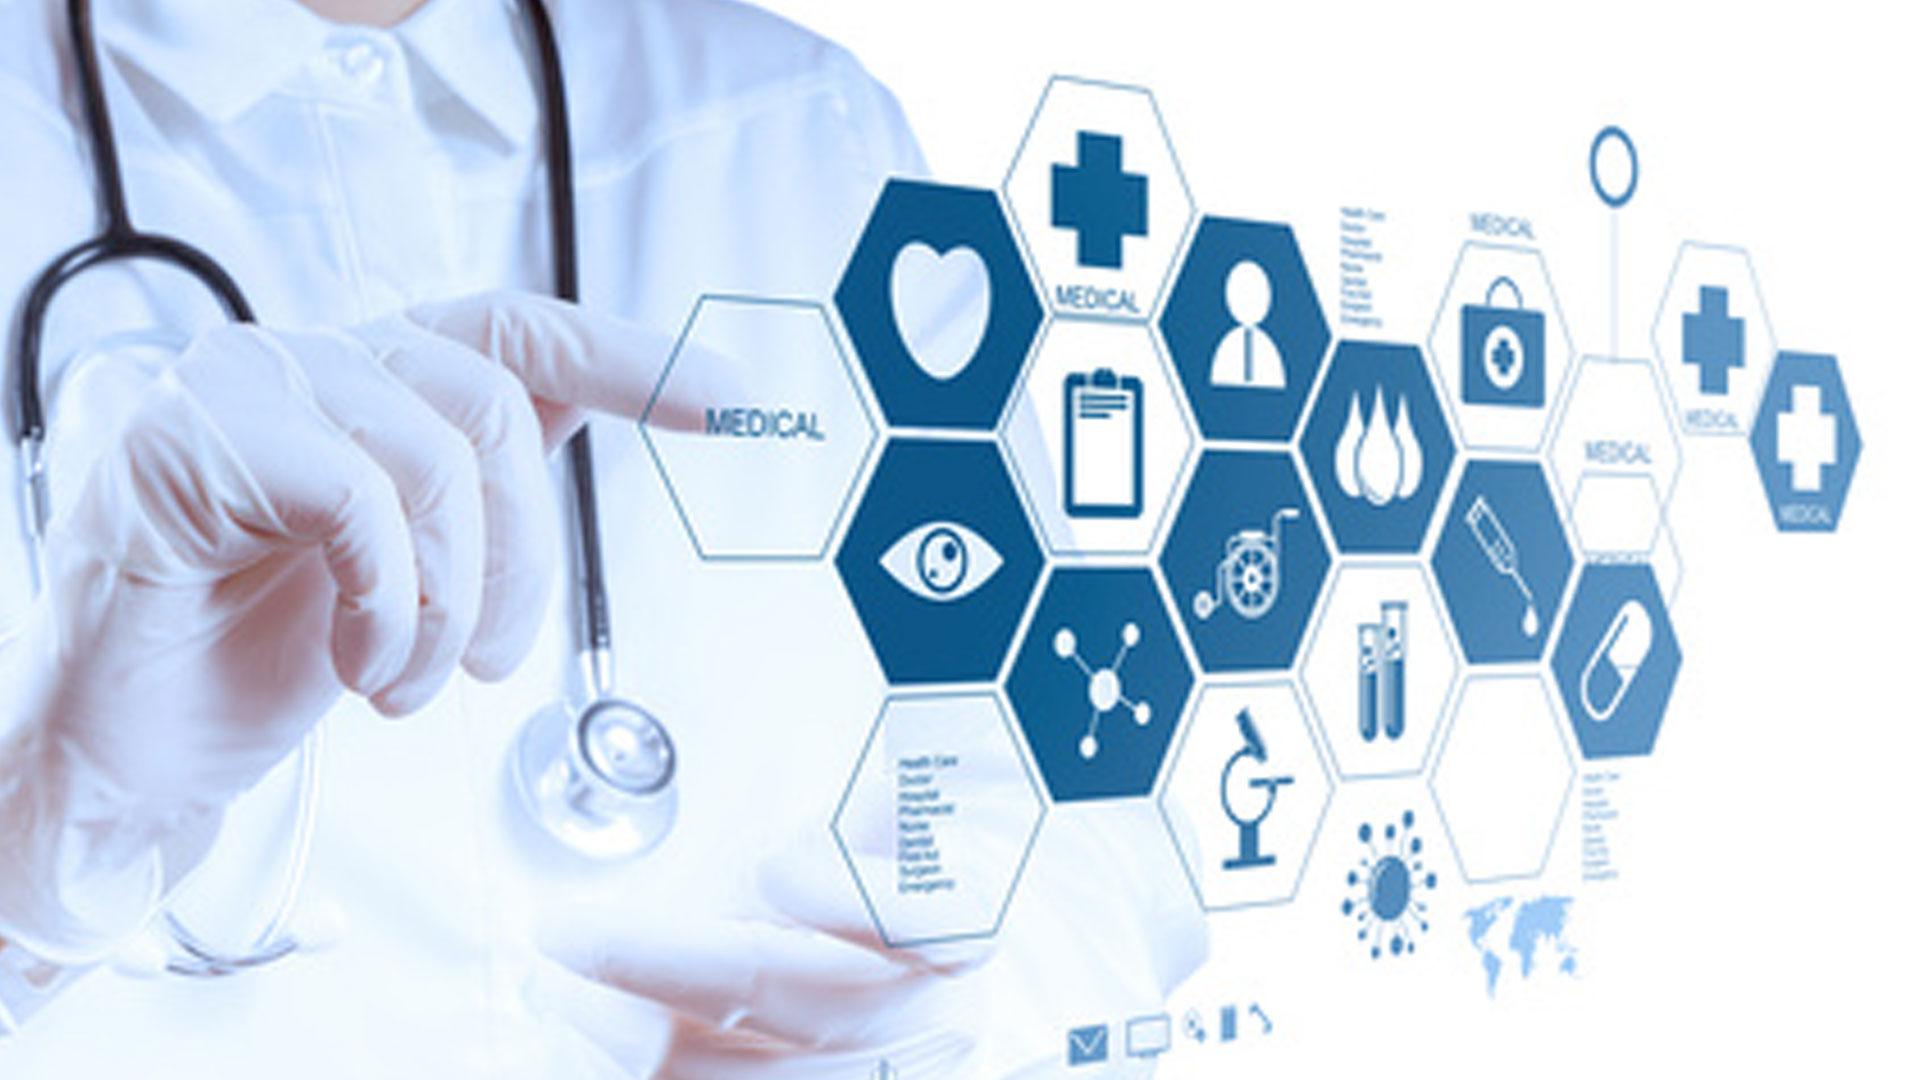 Médecins, professionnels et autres intervenants du Québec ayant soulevés des questions sur des éléments de la pandémie et de sa gestion